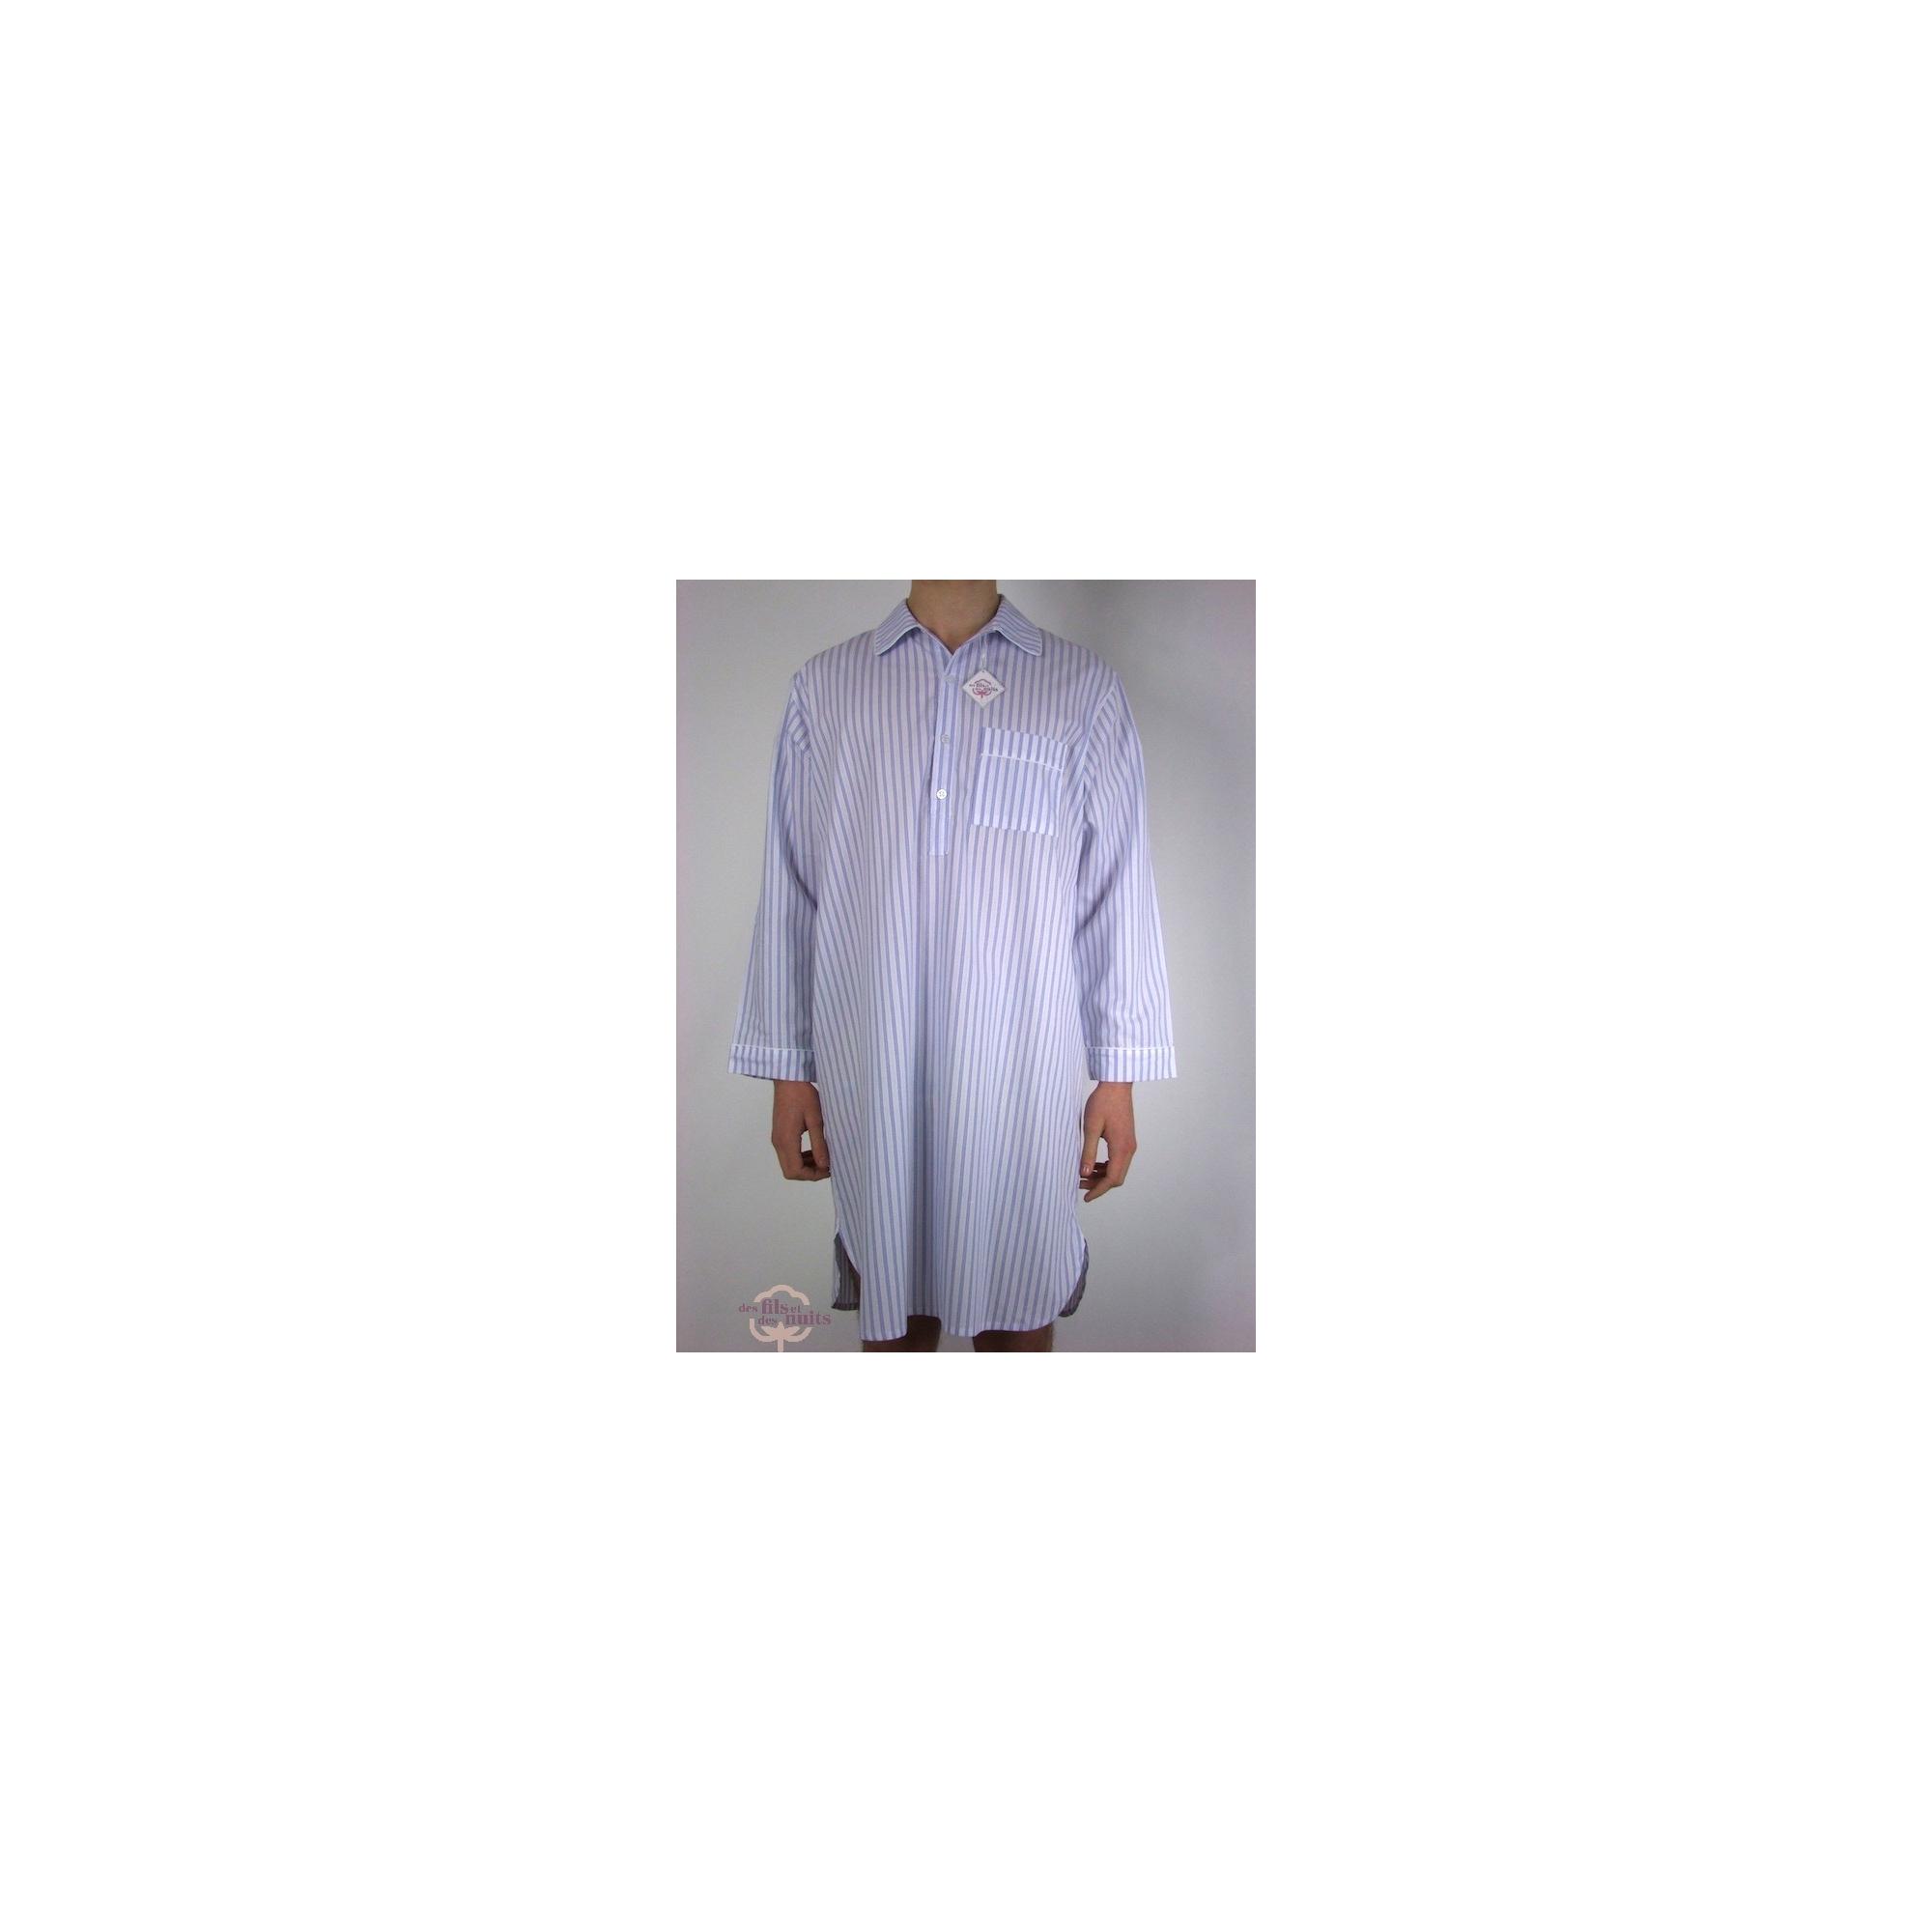 chemise de nuit pour homme 100 coton qualit t coloris ray blanc bleu. Black Bedroom Furniture Sets. Home Design Ideas